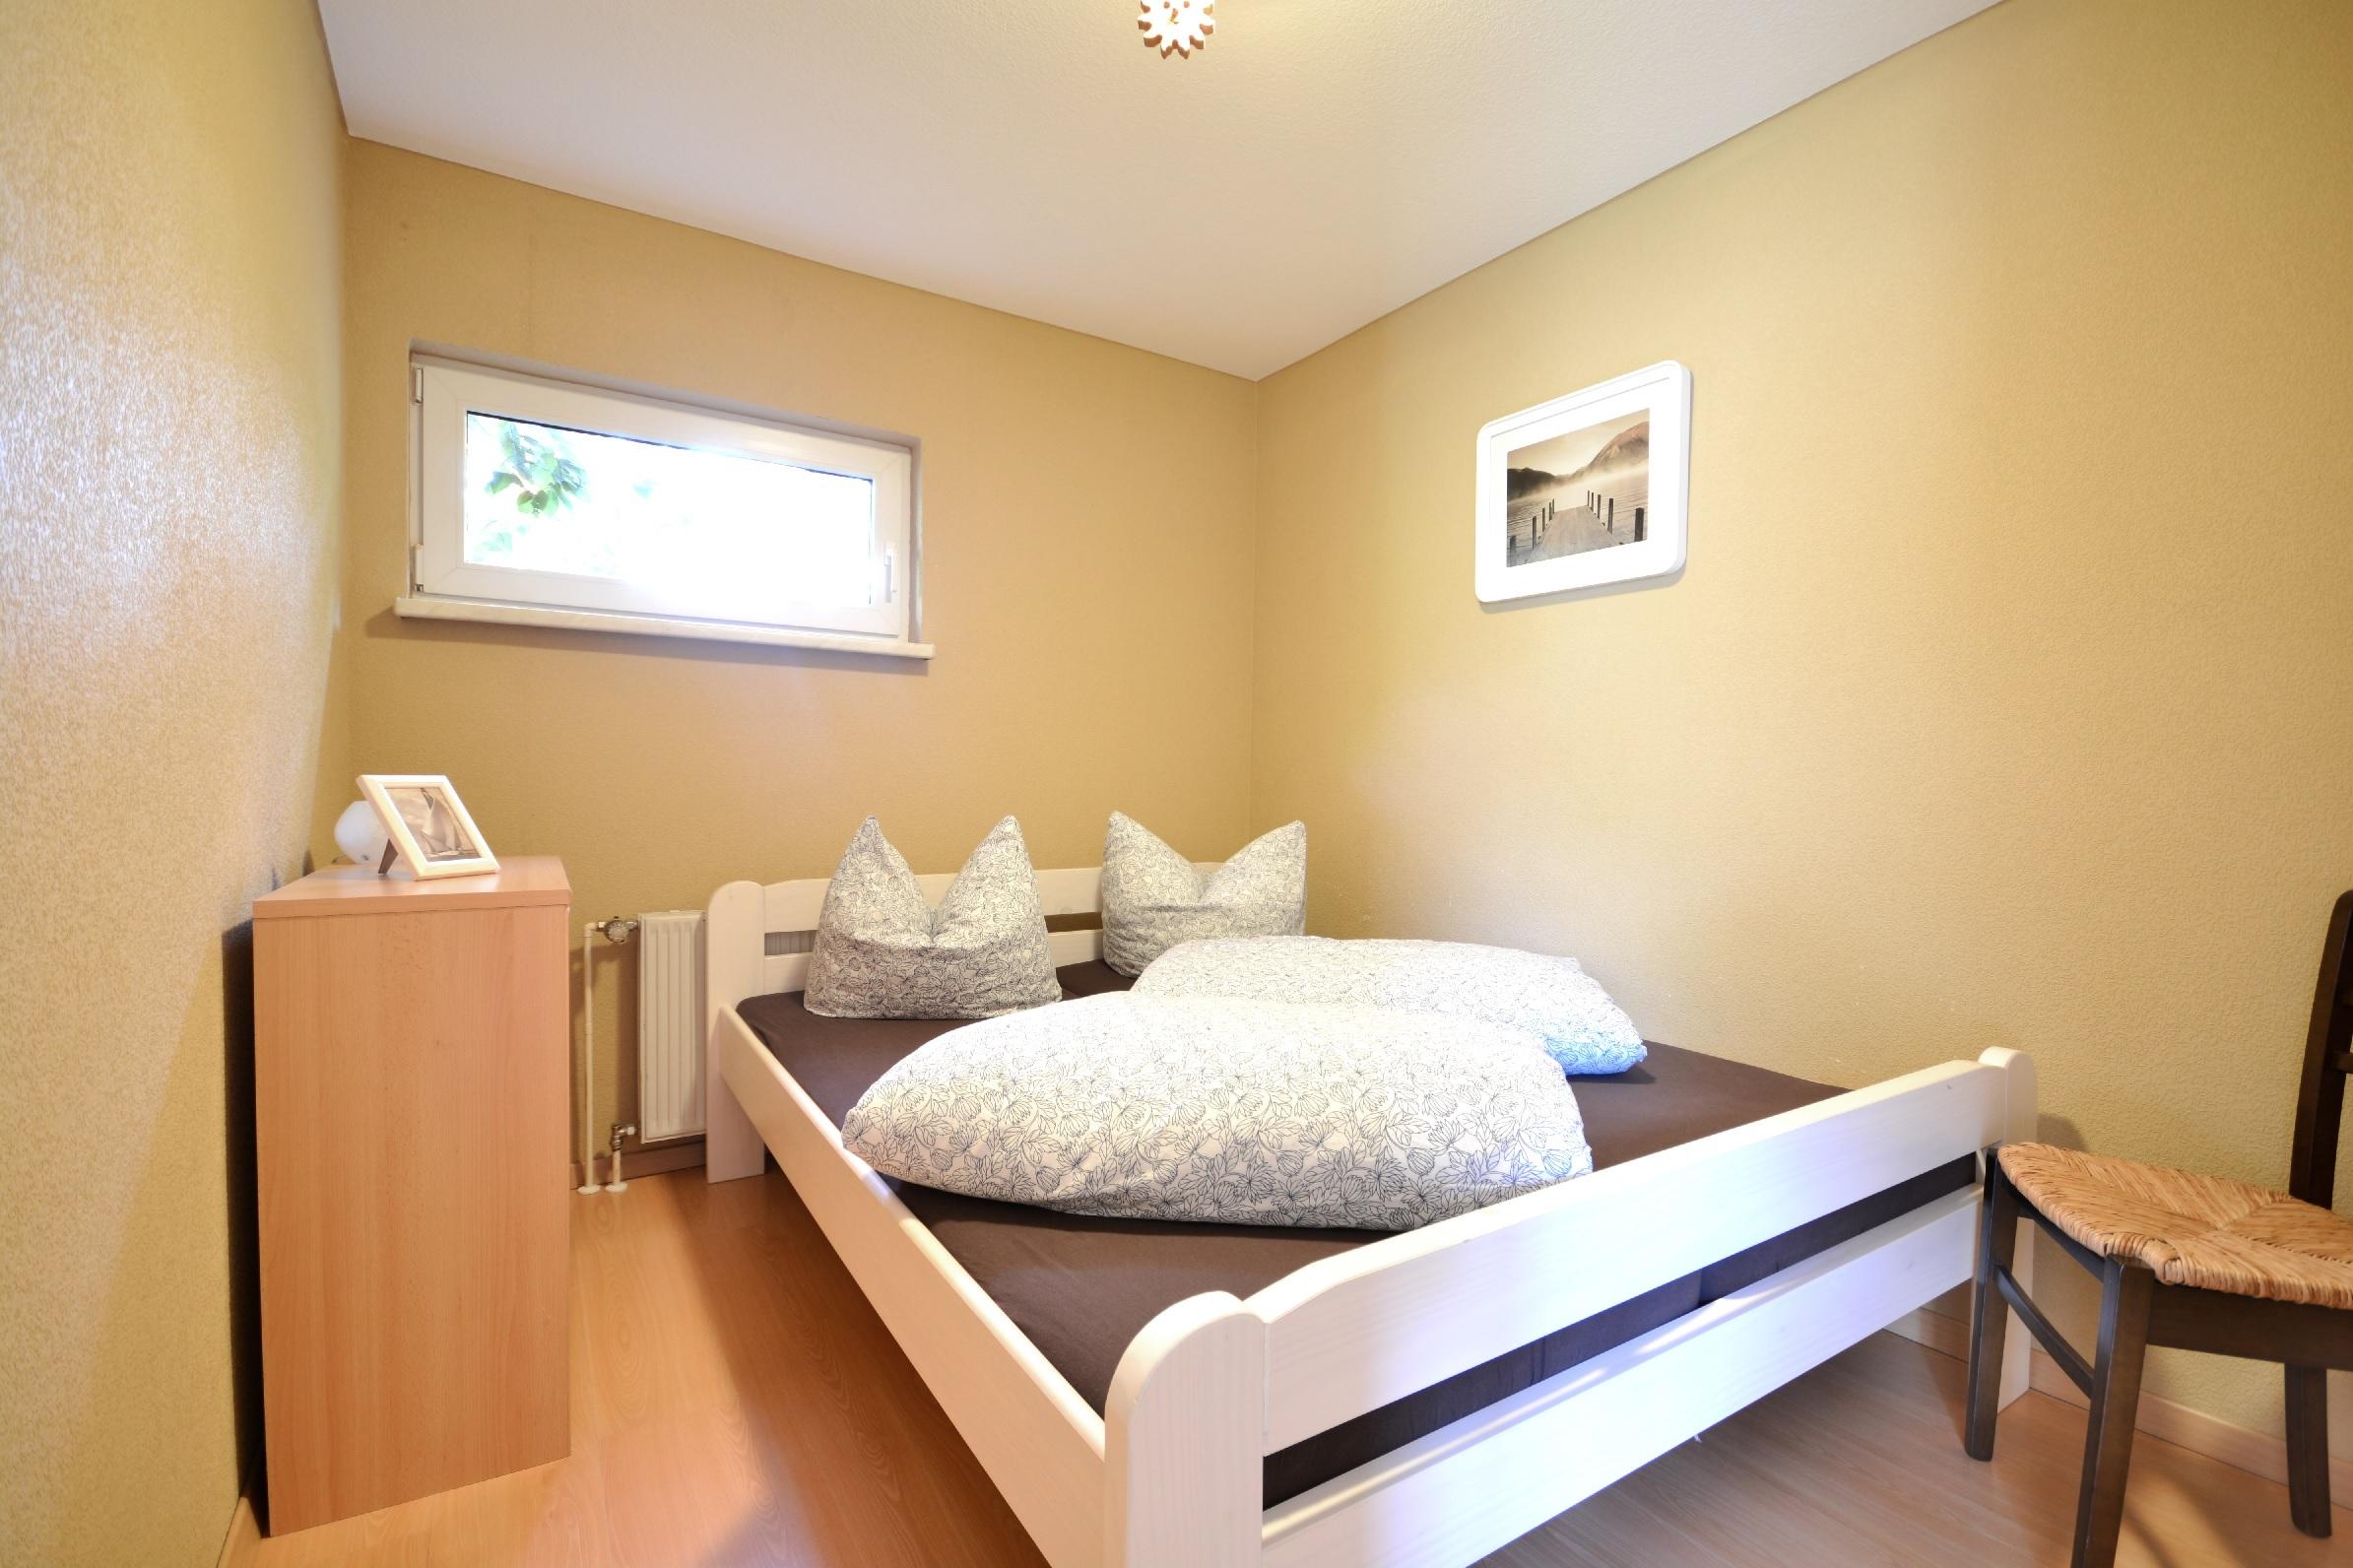 schlafzimmer klein 2